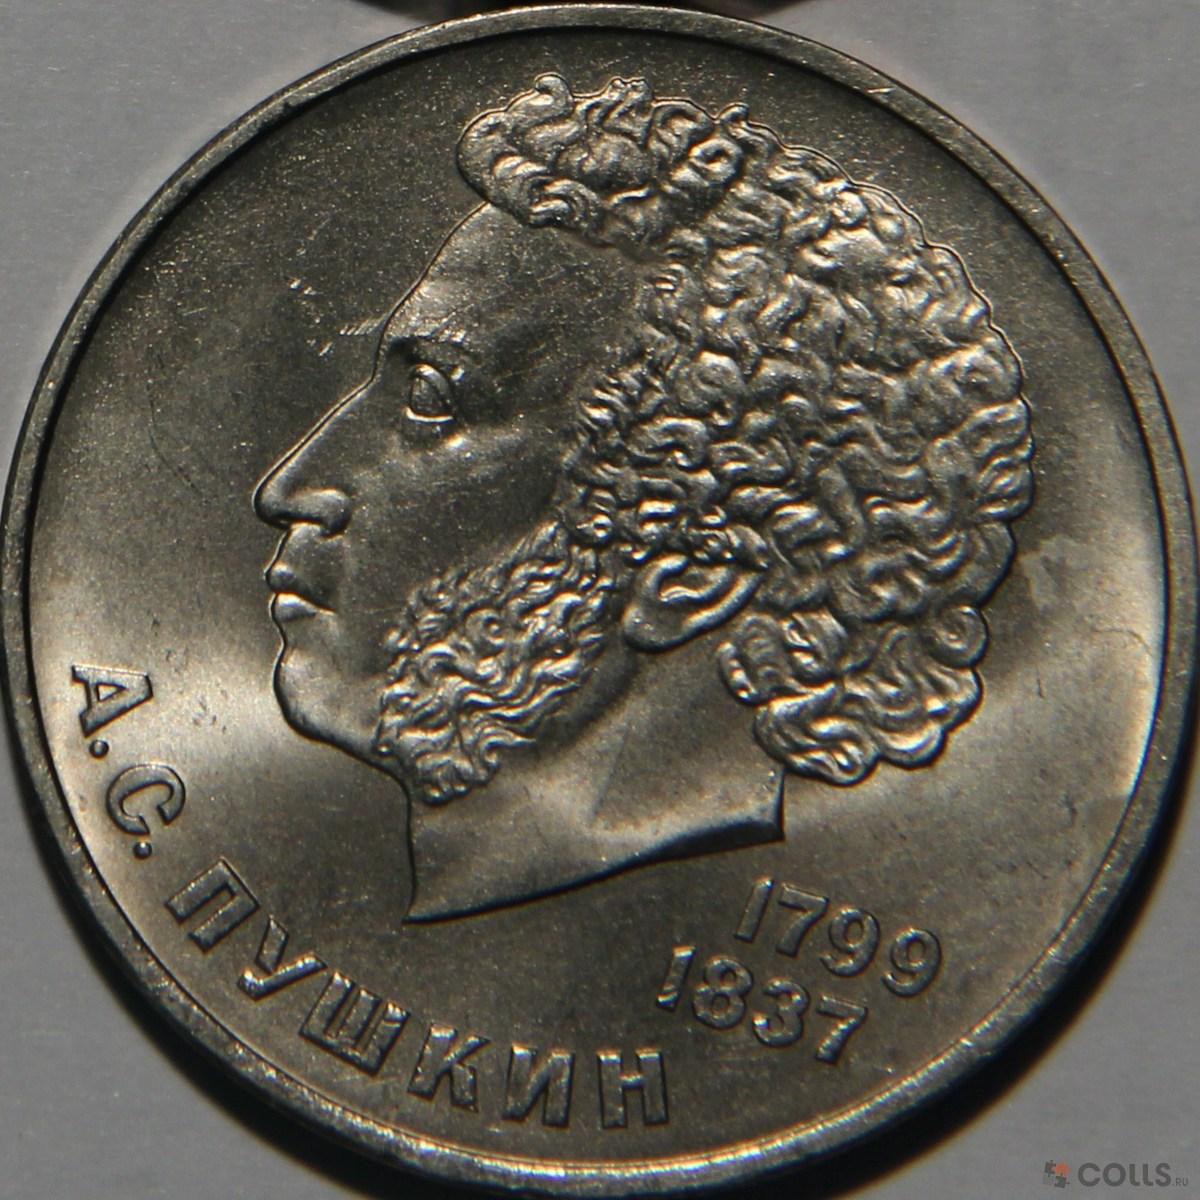 Фото монеты один рубль с пушкином 5